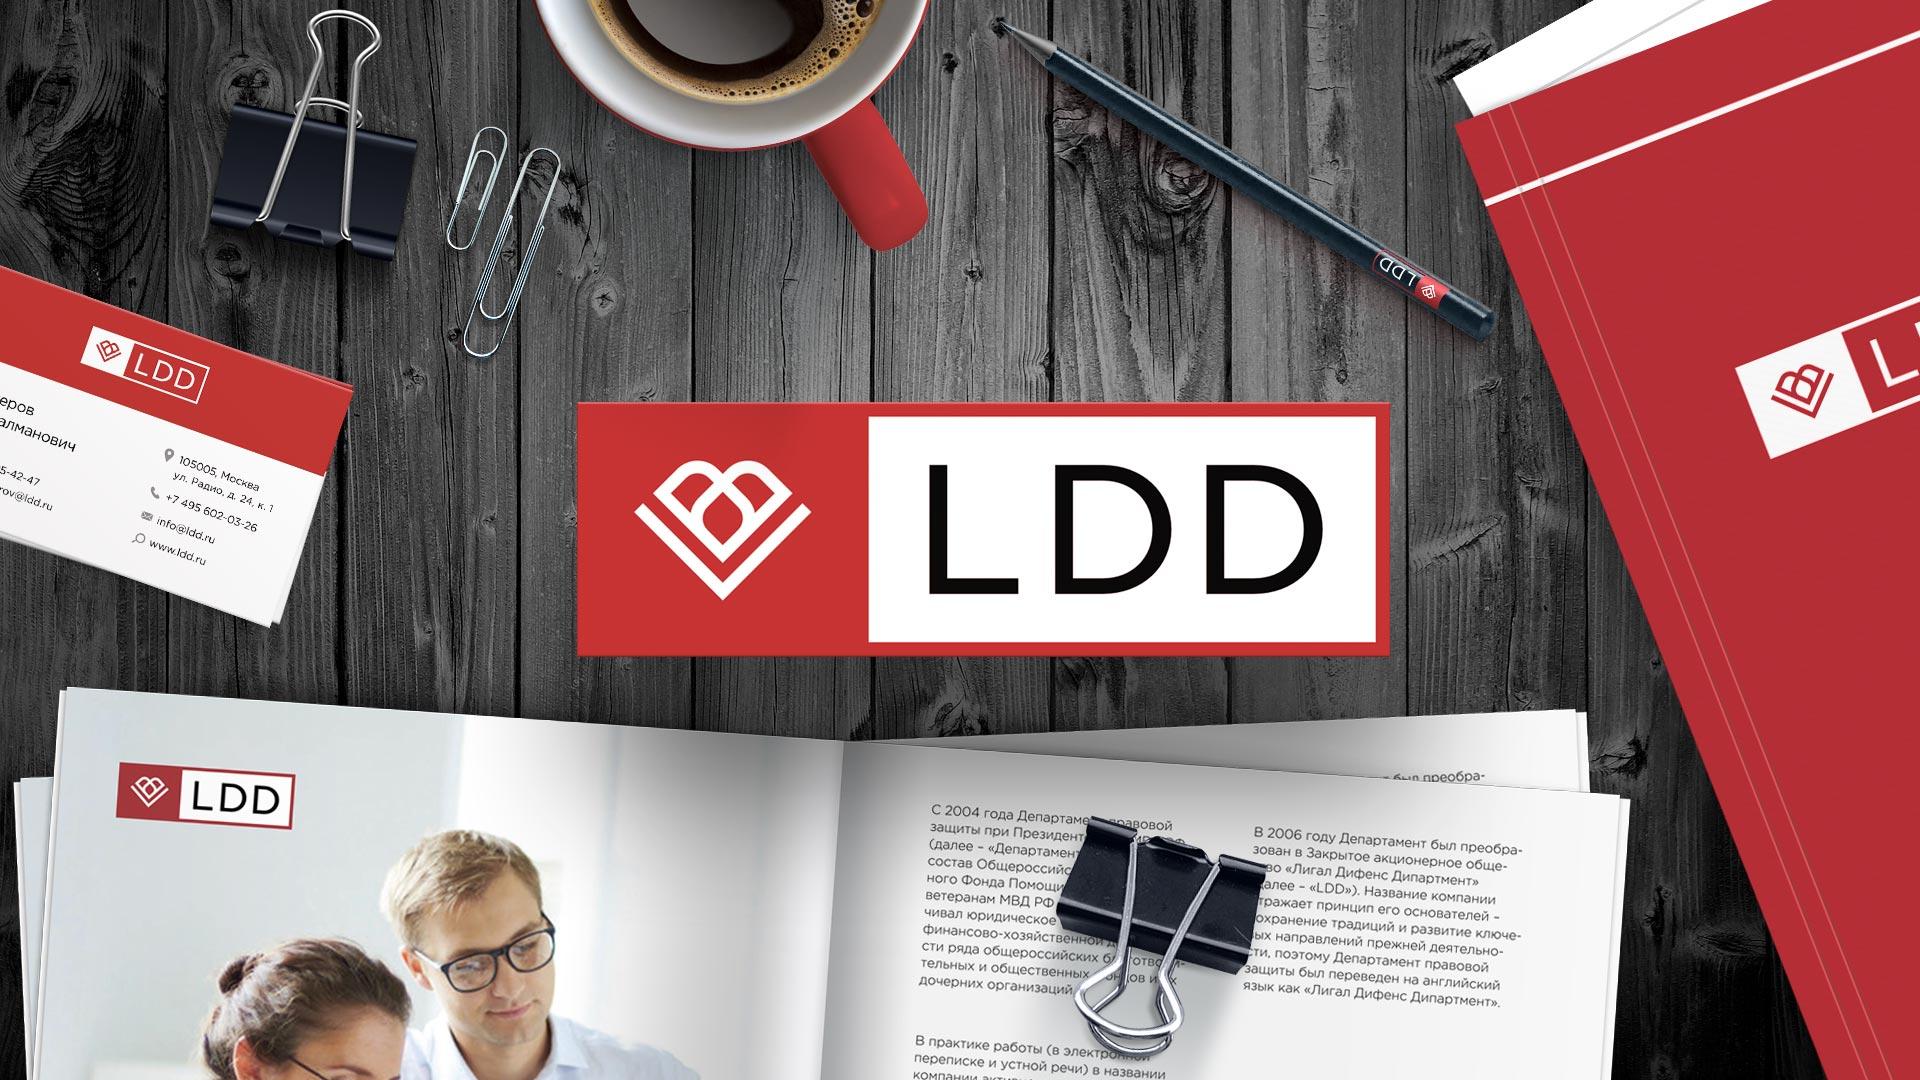 Брендинг и рекламные материалы для юридической компании LDD Портфолио брендингового агентства Bramar